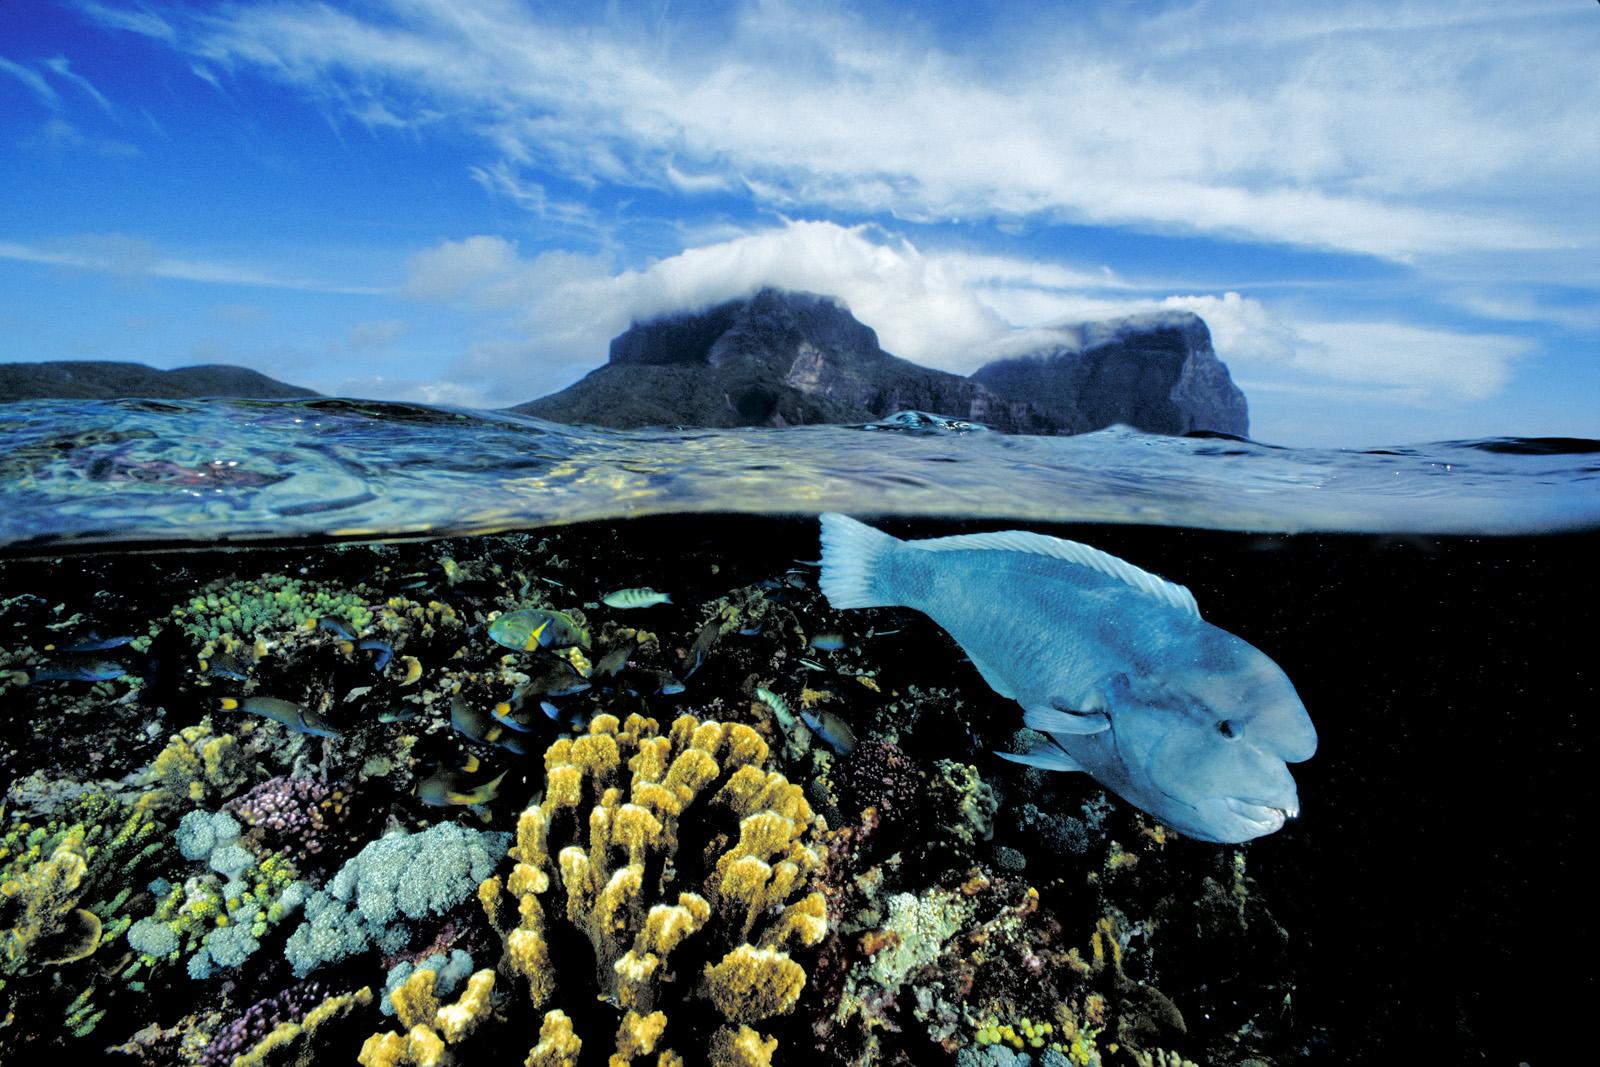 Le clarisse clown.  Un clarisse clown curieux (Coris bulbifrons) patrouille dans les coraux peu profonds du Lagoon Reef à Lorde Howe Island (Nouvelle-Galles-du-Sud, Australie). Cette espèce a un régime alimentaire composé d'invertébrés, une longue durée de vie, et arrive à maturité tardivement. Les récifs de Lord Howe sont les récifs coralliens les plus au sud du monde.